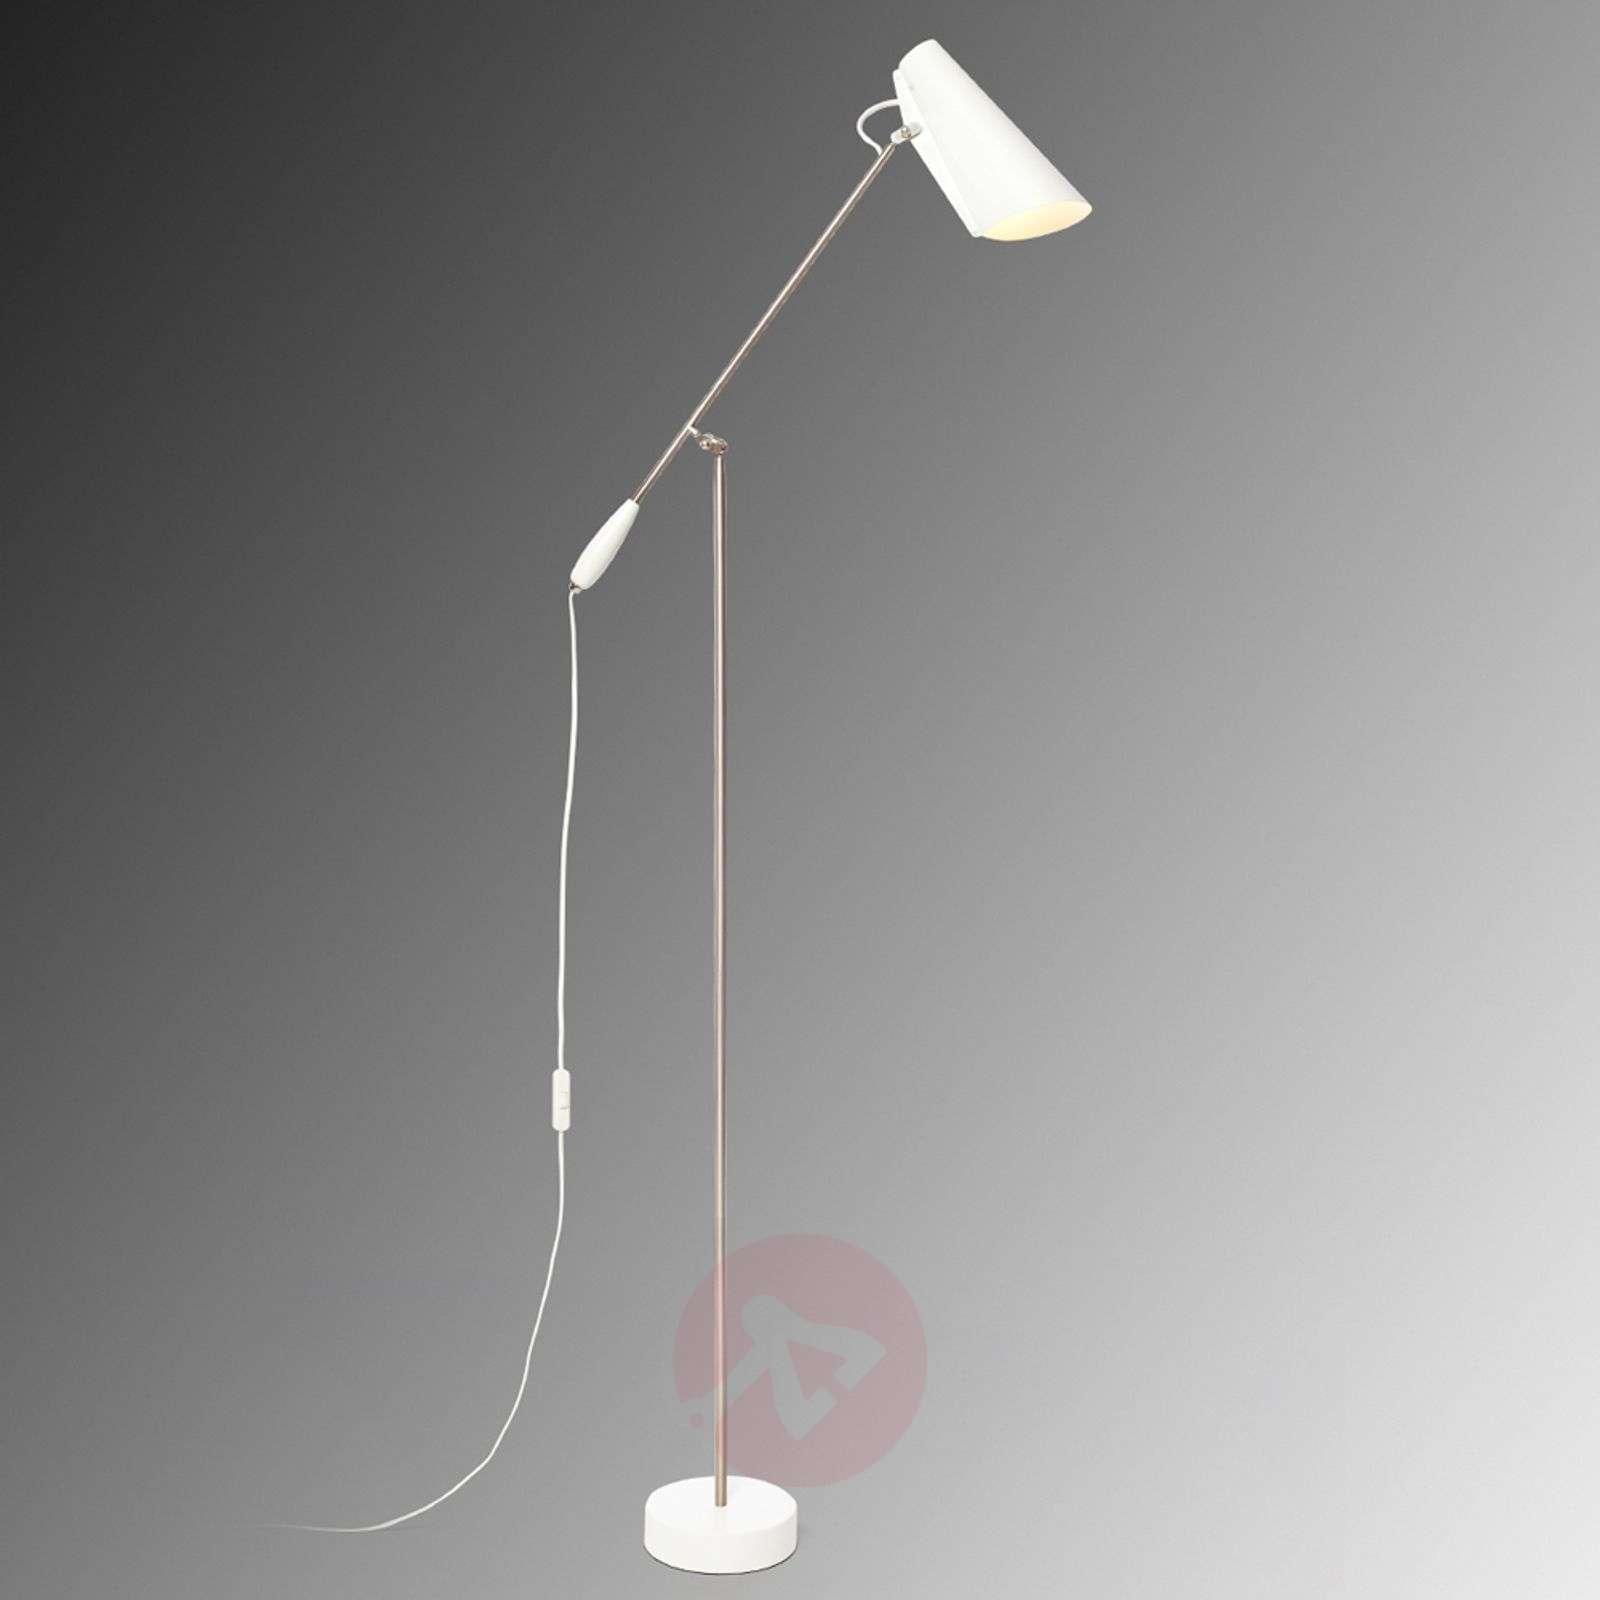 White retro floor lamp Birdy-7013050-01